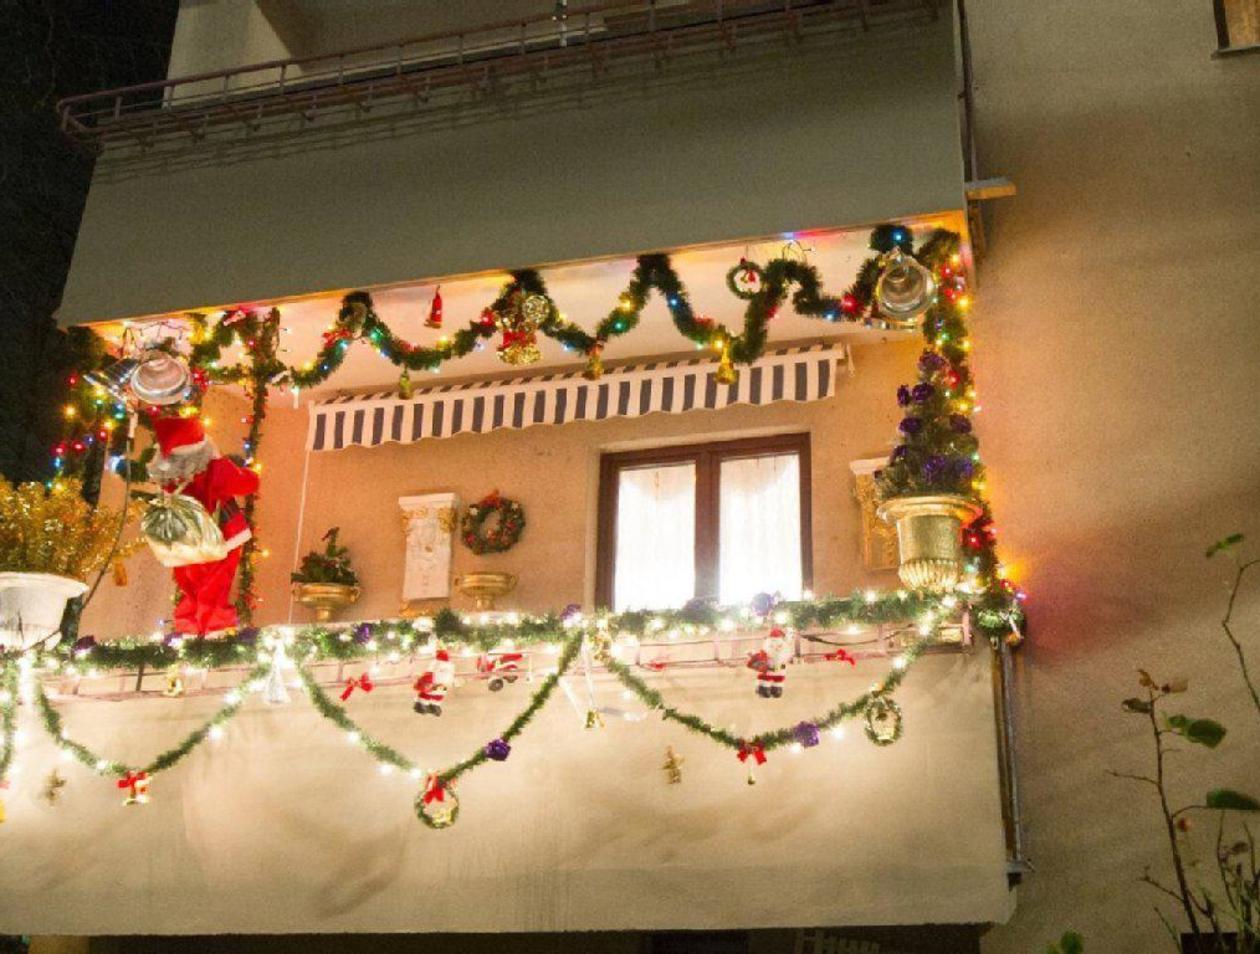 Wann Kann Man Weihnachtsdeko Aufstellen.Welche Weihnachtsdeko Ist Erlaubt Geld